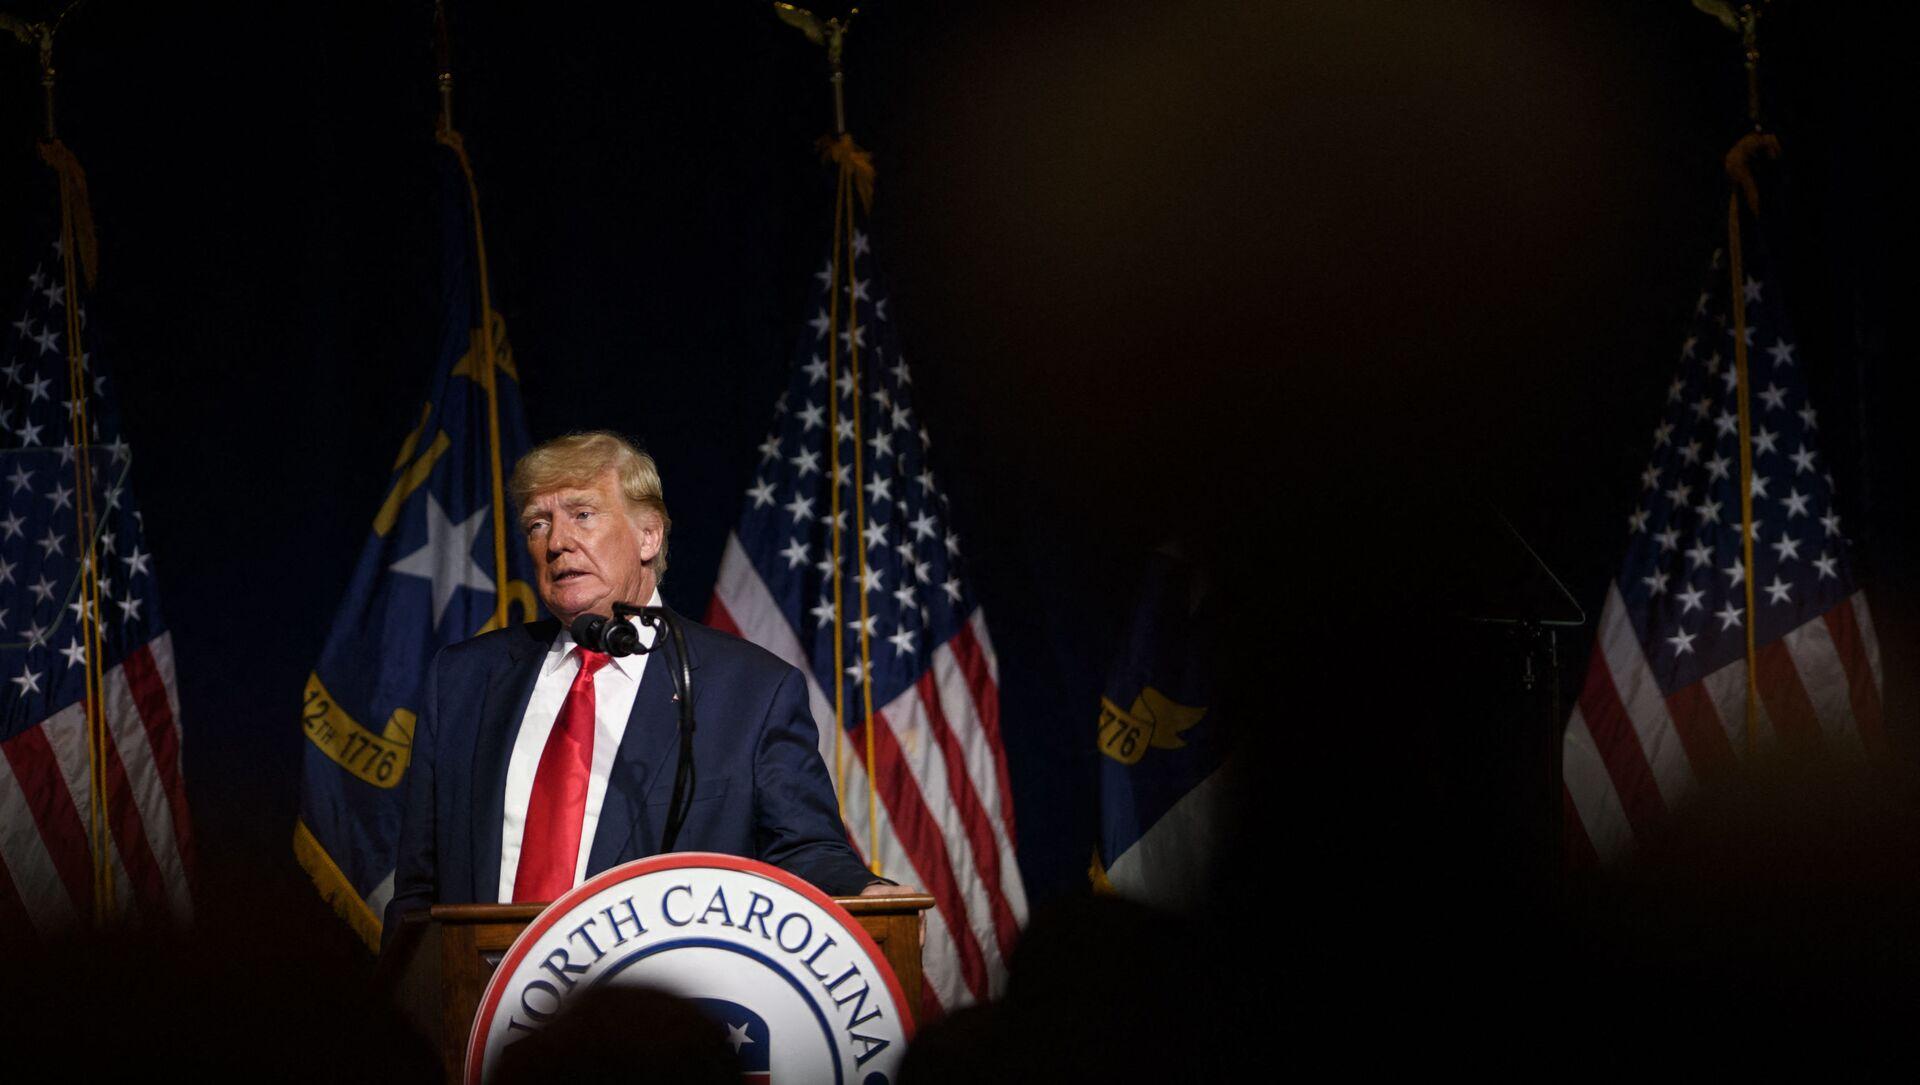 Cựu Tổng thống Hoa Kỳ Donald Trump phát biểu tại đại hội bang NCGOP vào ngày 5 tháng 6 năm 2021 tại Greenville, Bắc Carolina. Sự kiện này là một trong những lần xuất hiện cấp cao đầu tiên của cựu Tổng thống Mỹ Donald Trump kể từ khi rời Nhà Trắng vào tháng Giêng. - Sputnik Việt Nam, 1920, 06.06.2021